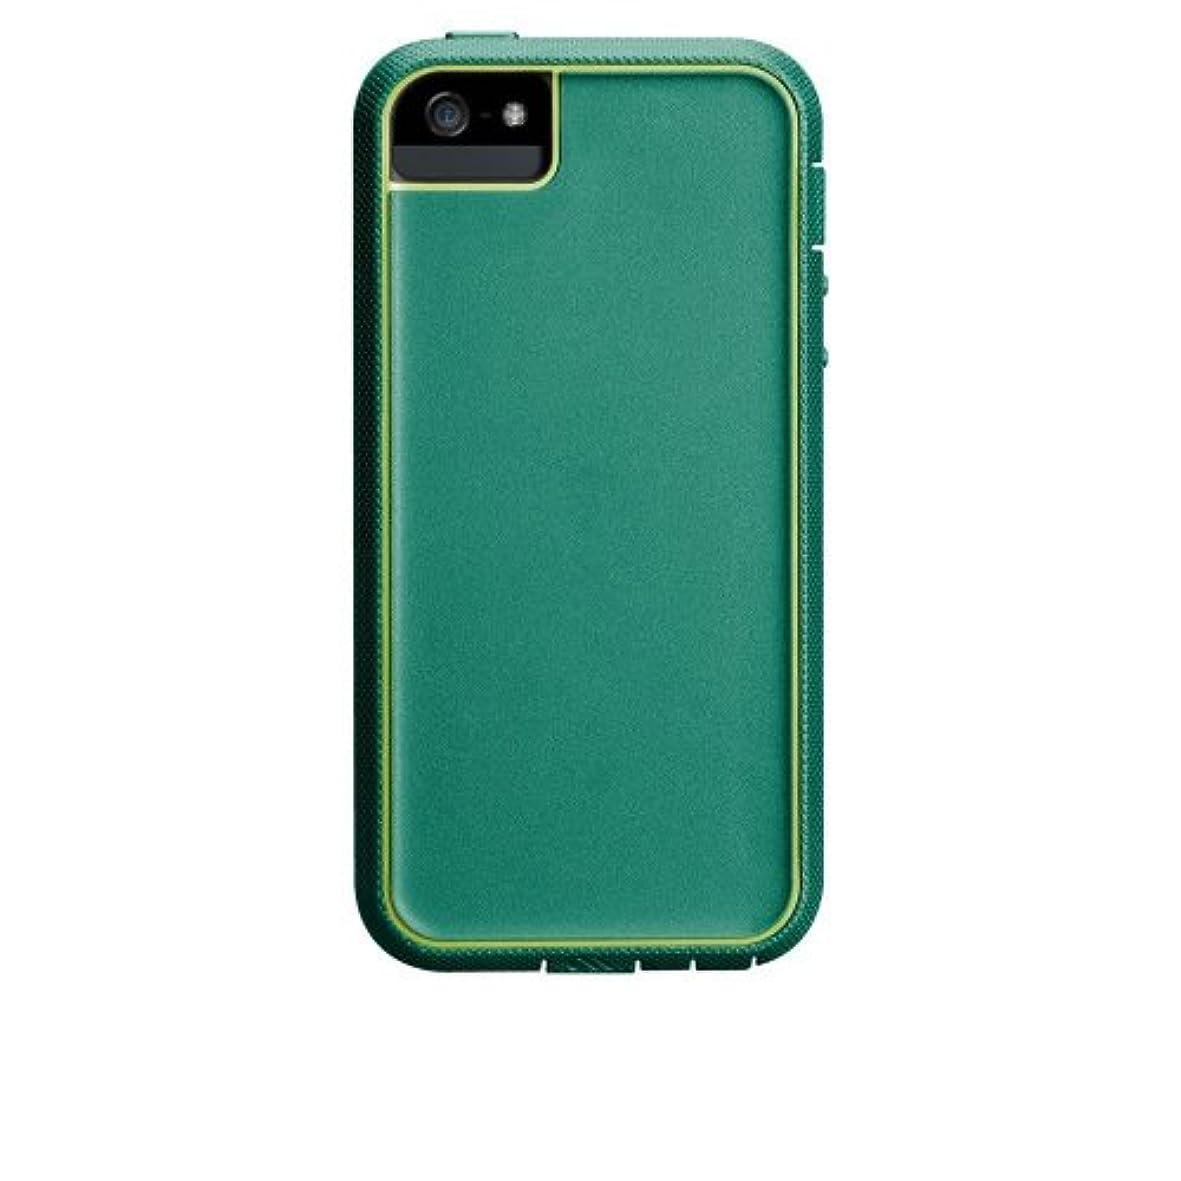 不健康圧力ランドリーCase-Mate iPhone 5用ハイブリッドフルカバーケース エメラルドグリーン/シャルトルーズグリーン CM022428